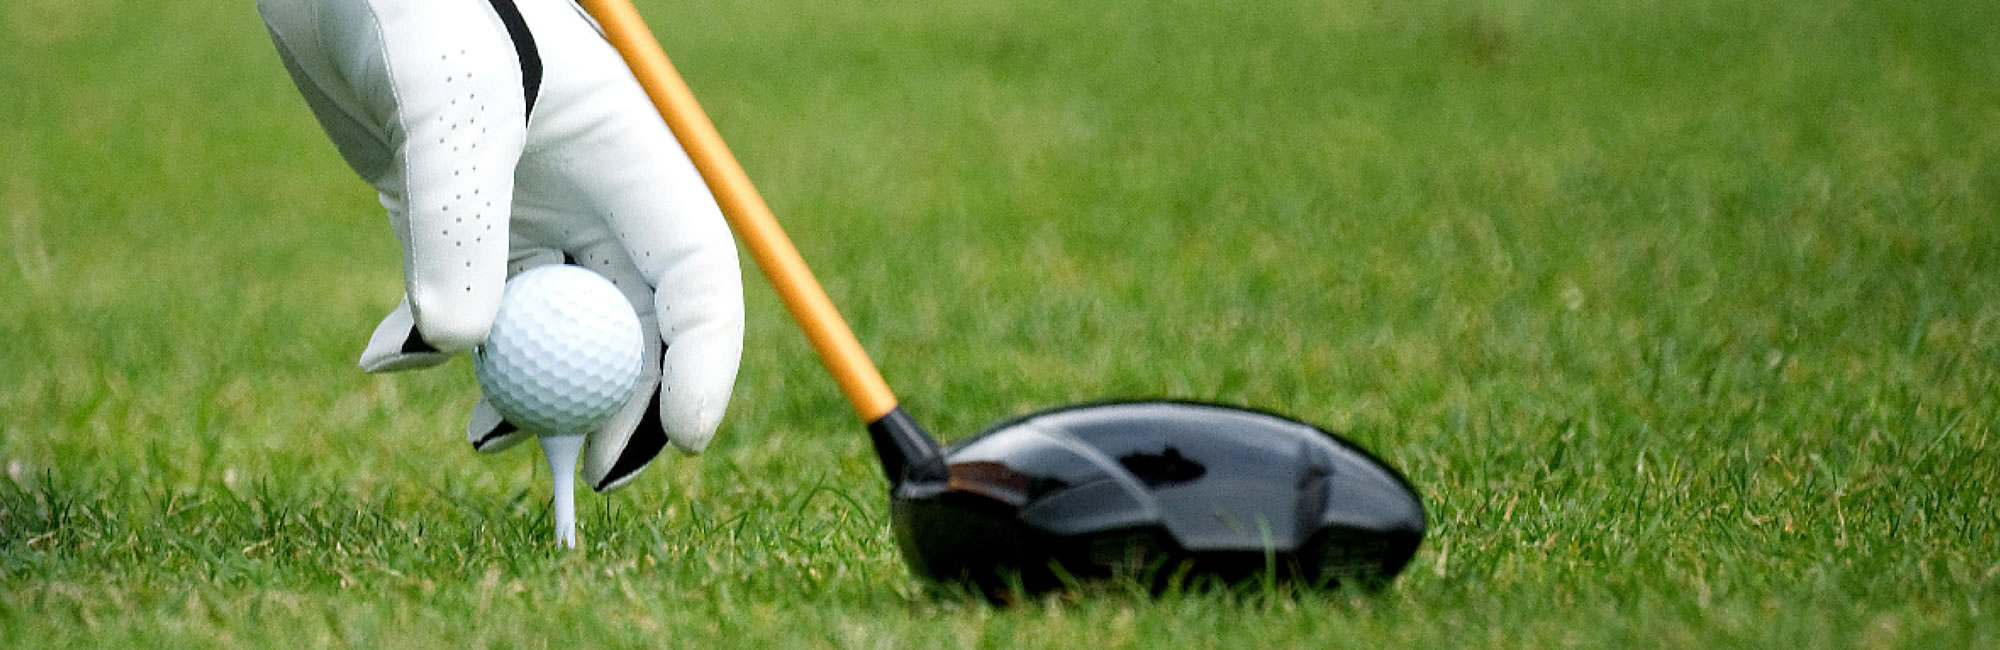 better golf instruction